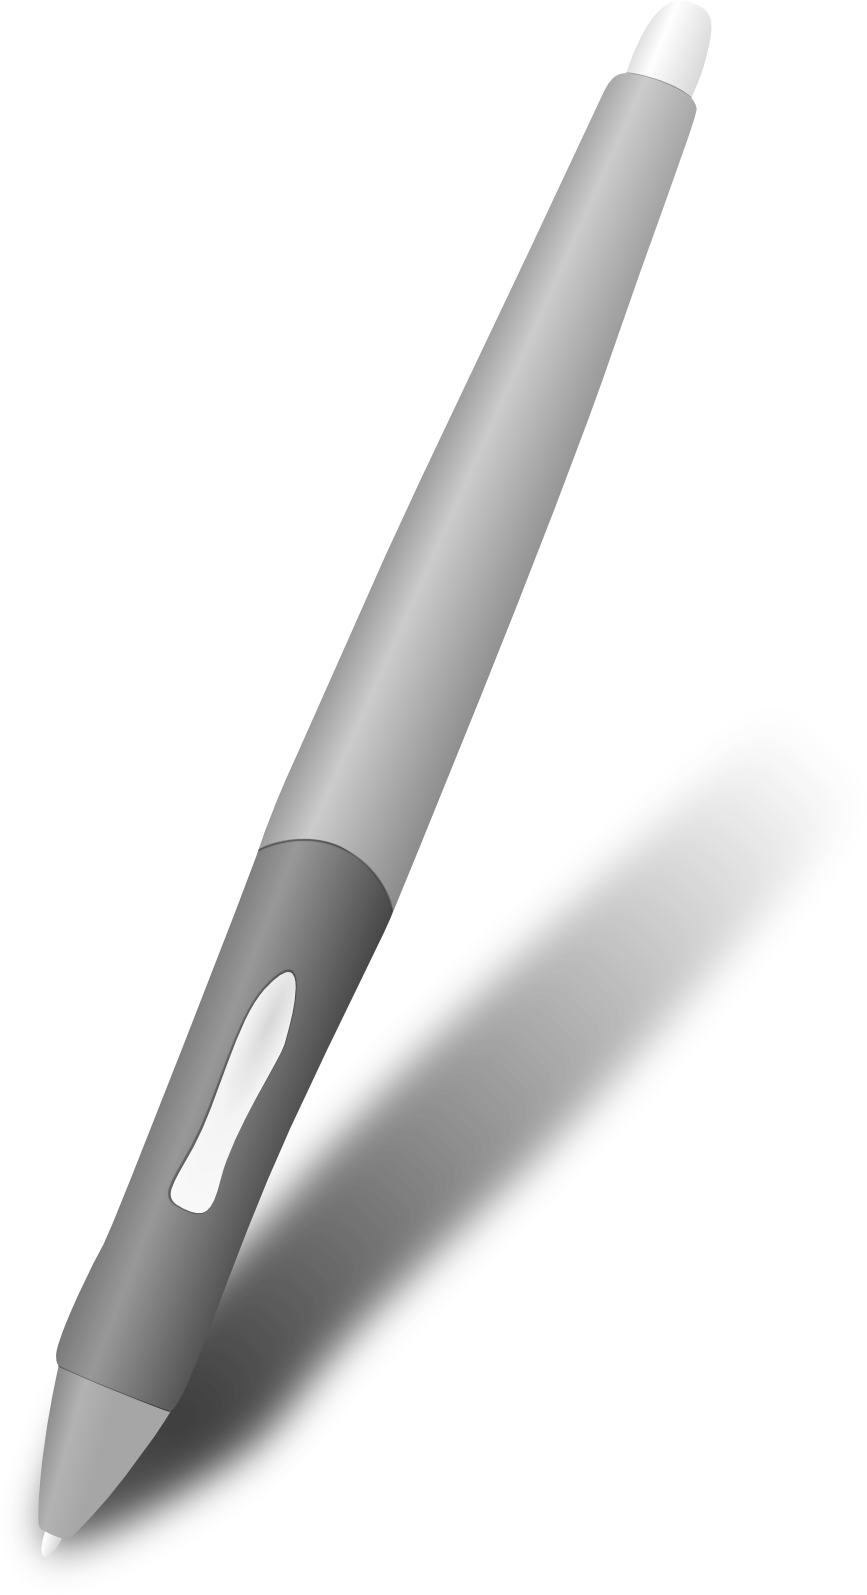 Wacom Pen PNG - 54238